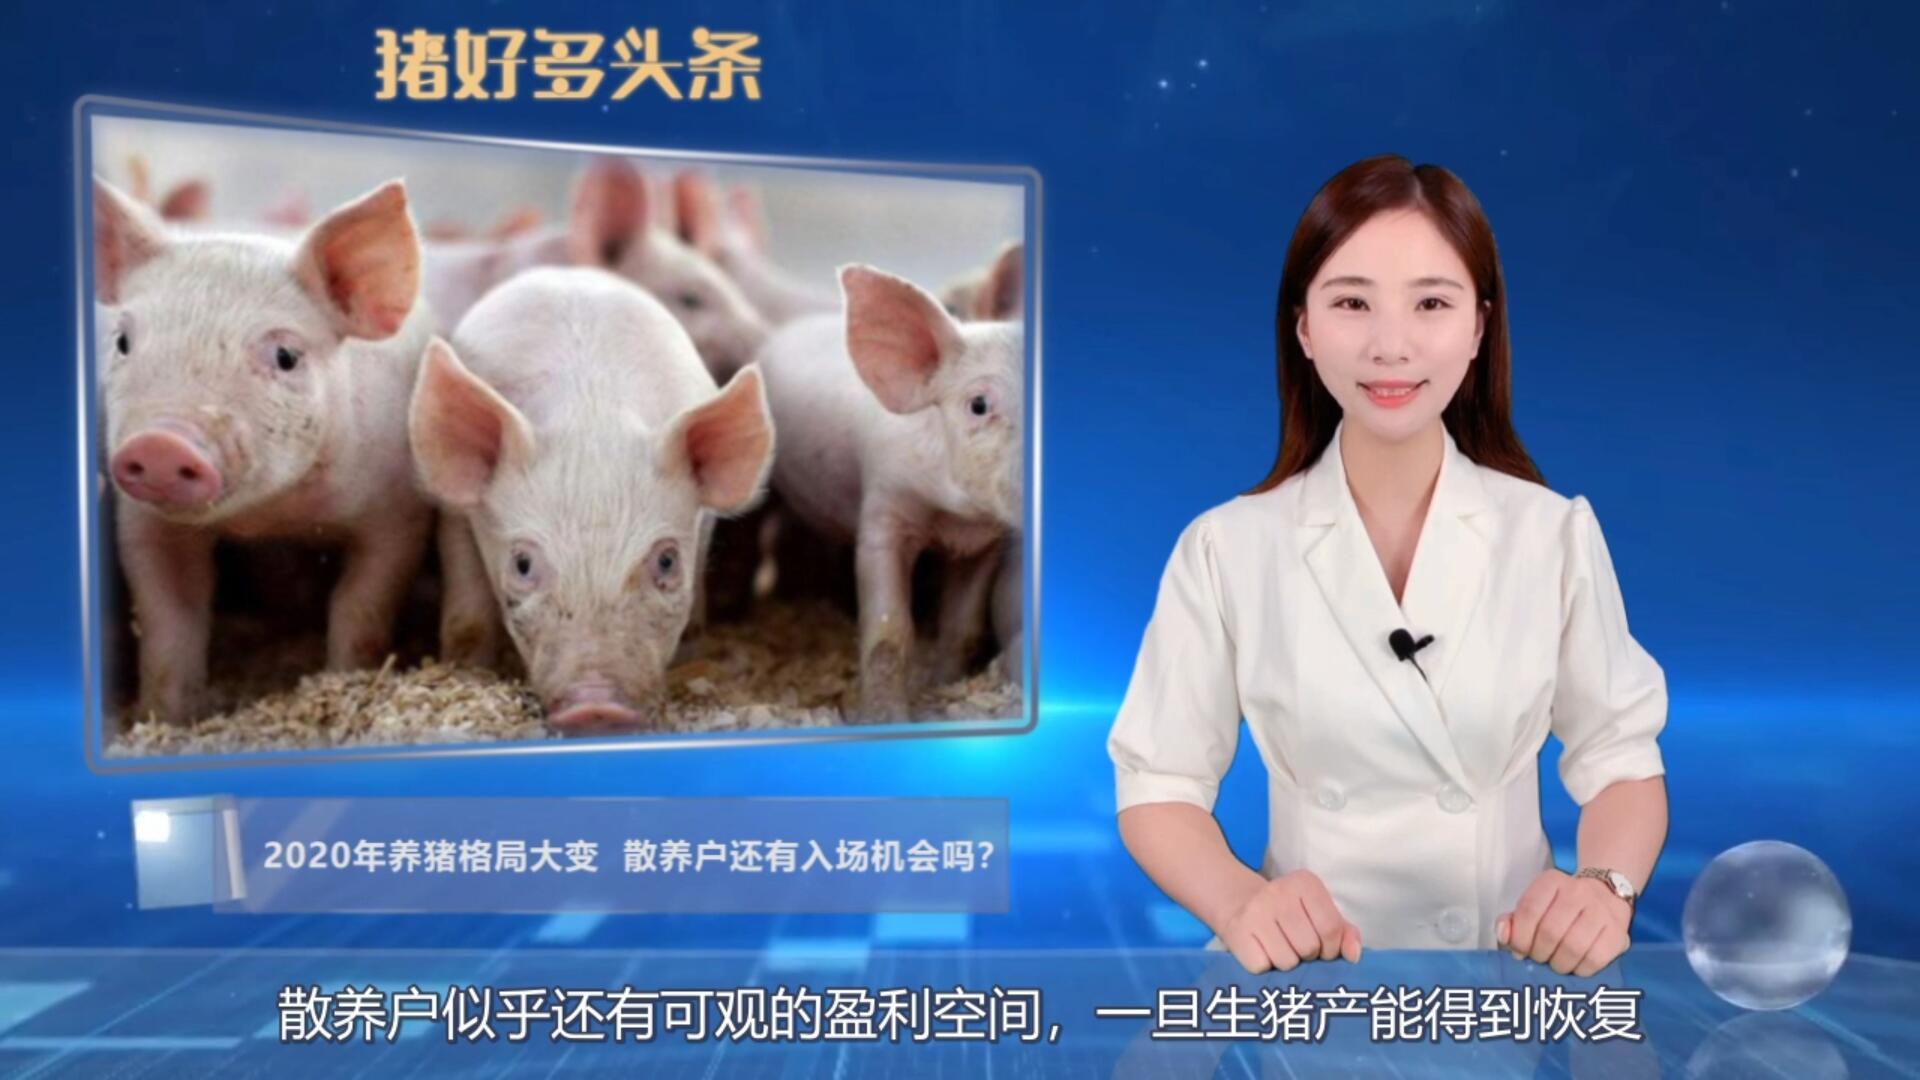 2020年养猪格局大变!规模猪场比例上升,散养户还有入场机会吗?